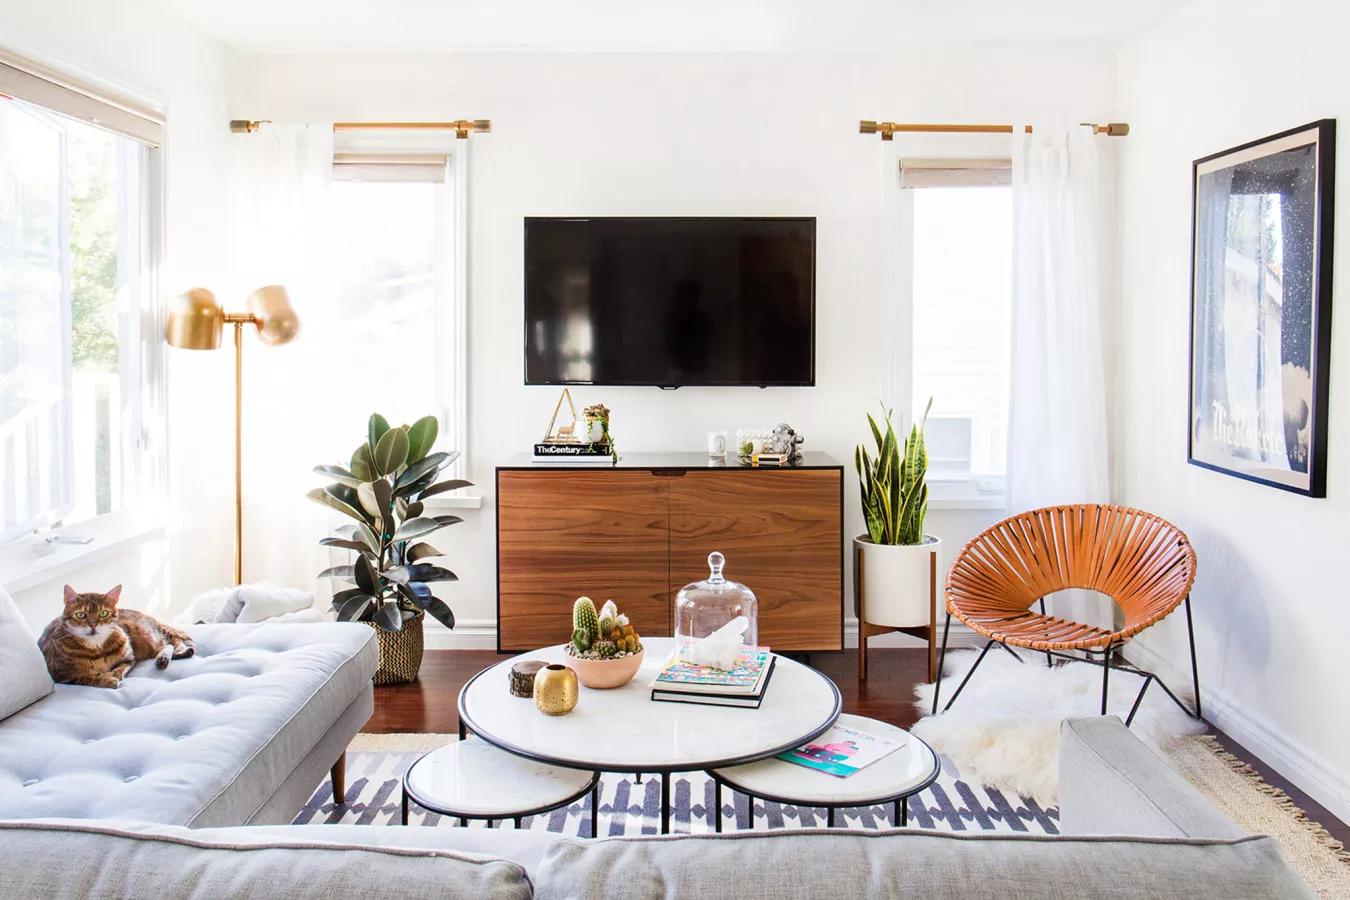 """Một chiếc ghế sofa tối giản, hình chữ """"L"""" là một cách tuyệt vời để tối đa hóa chỗ ngồi trong một phòng khách nhỏ."""